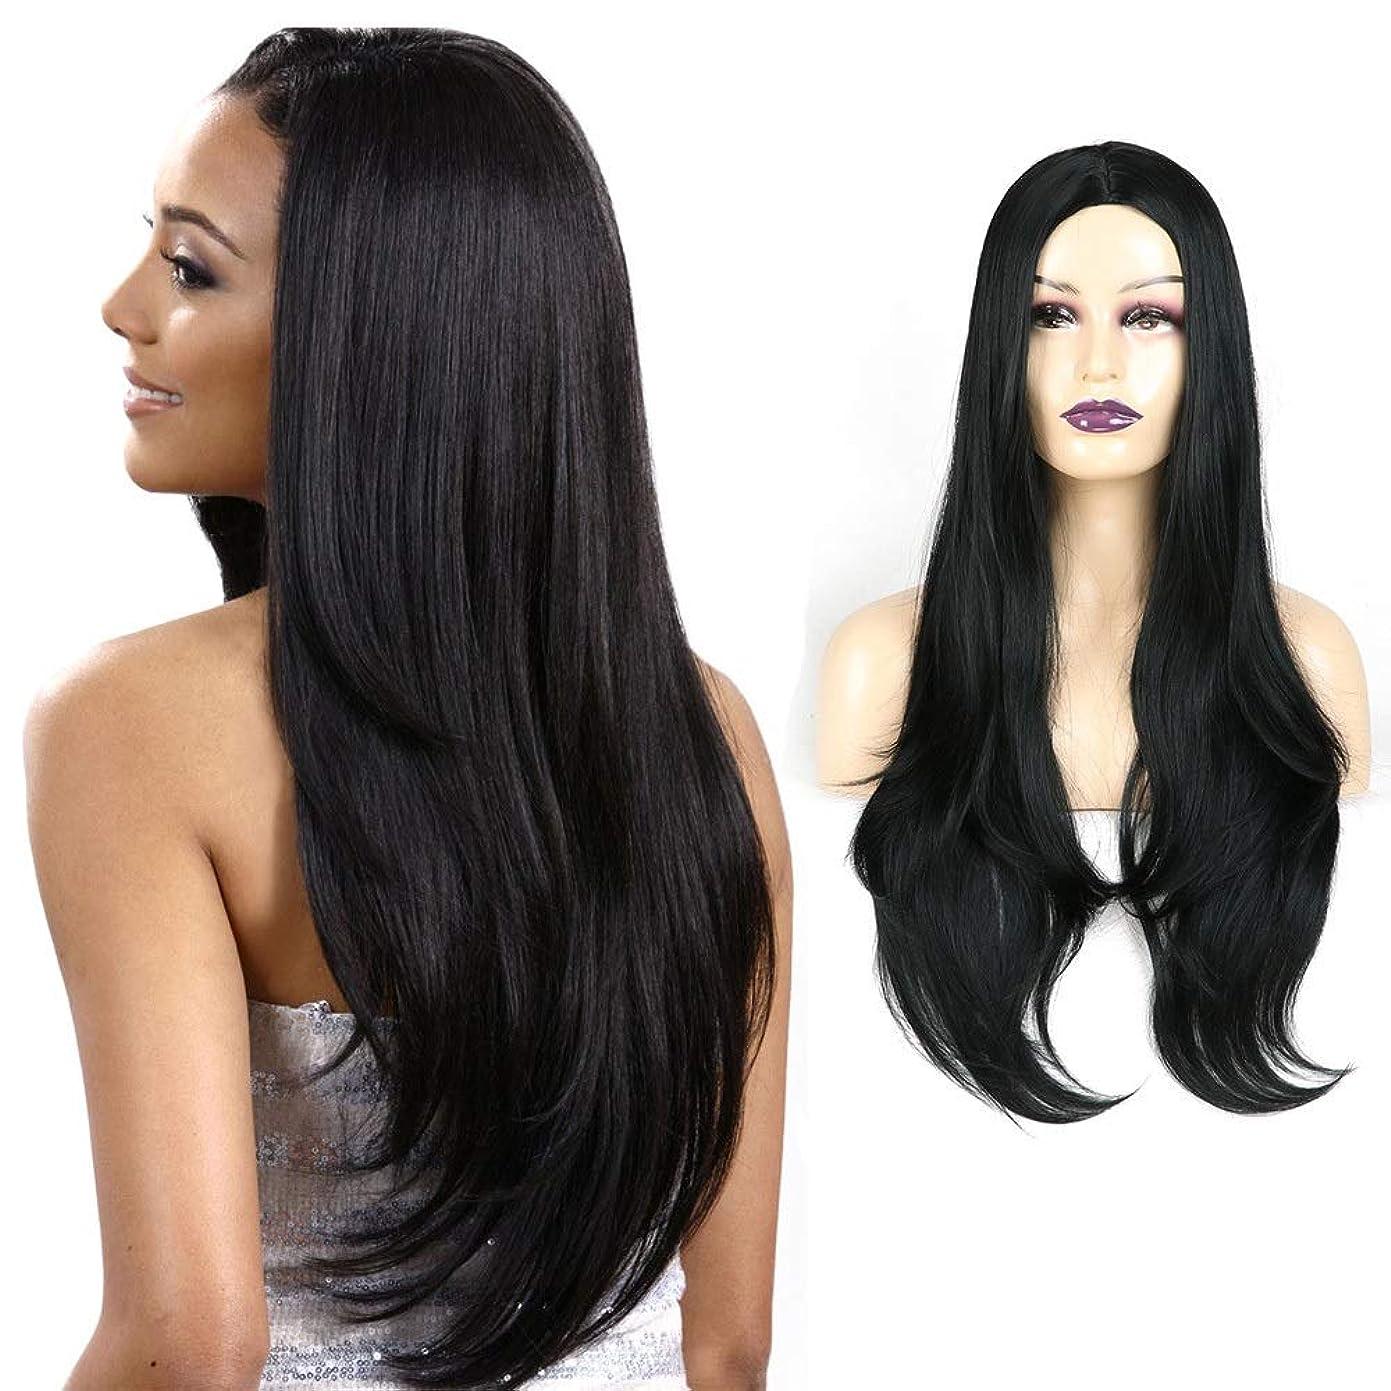 別に楽観お世話になったYESONEEP 自然に見える黒実体波長い巻き毛の人工毛耐熱繊維長いストレートの髪 (Color : ブラック)